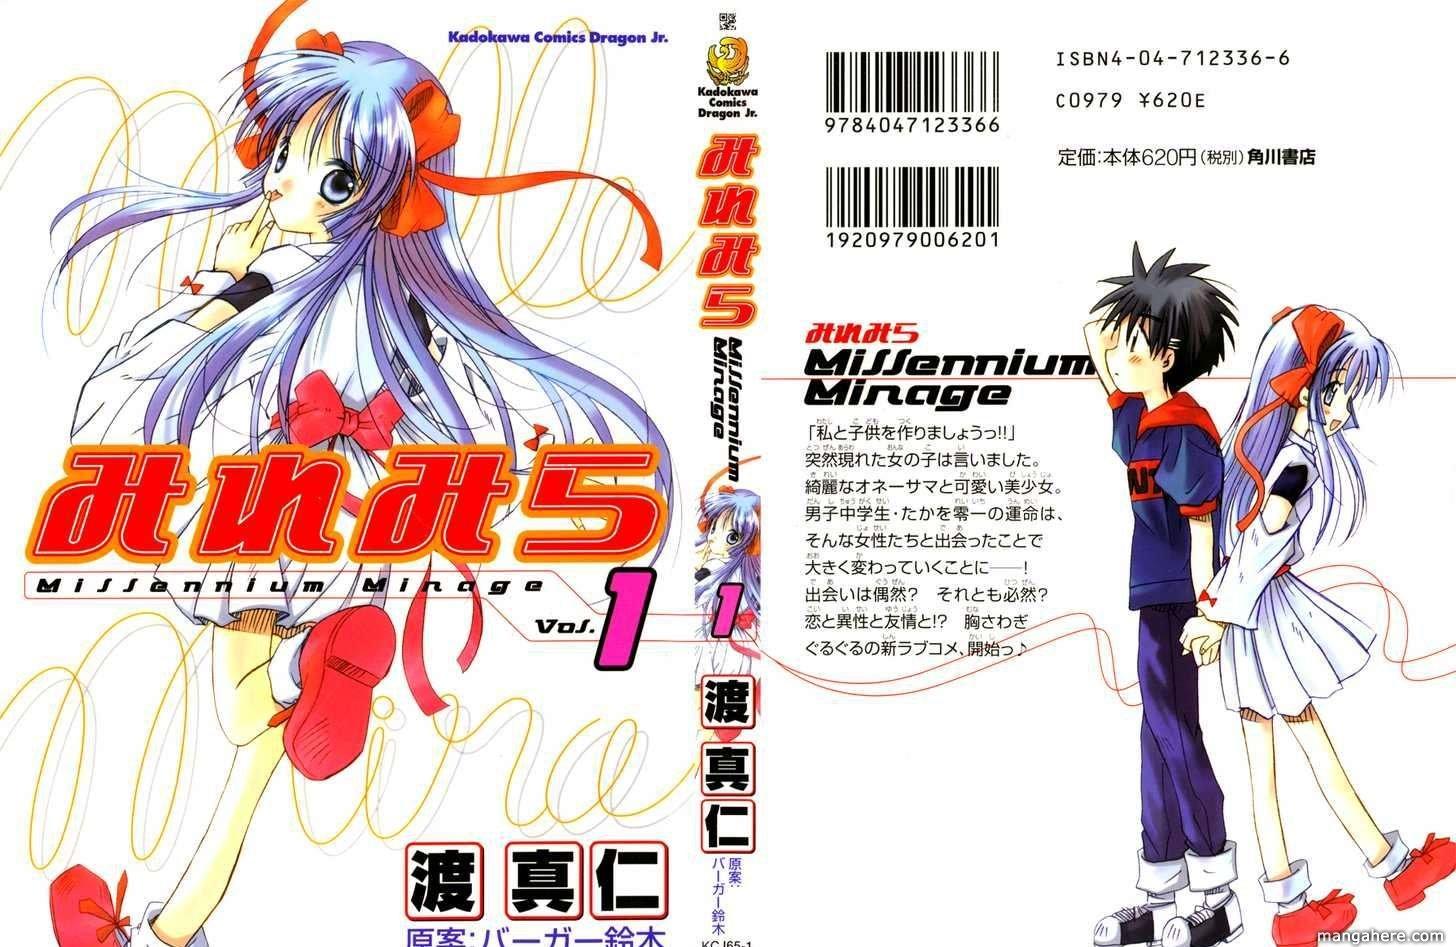 Millennium Mirage 1 Page 1